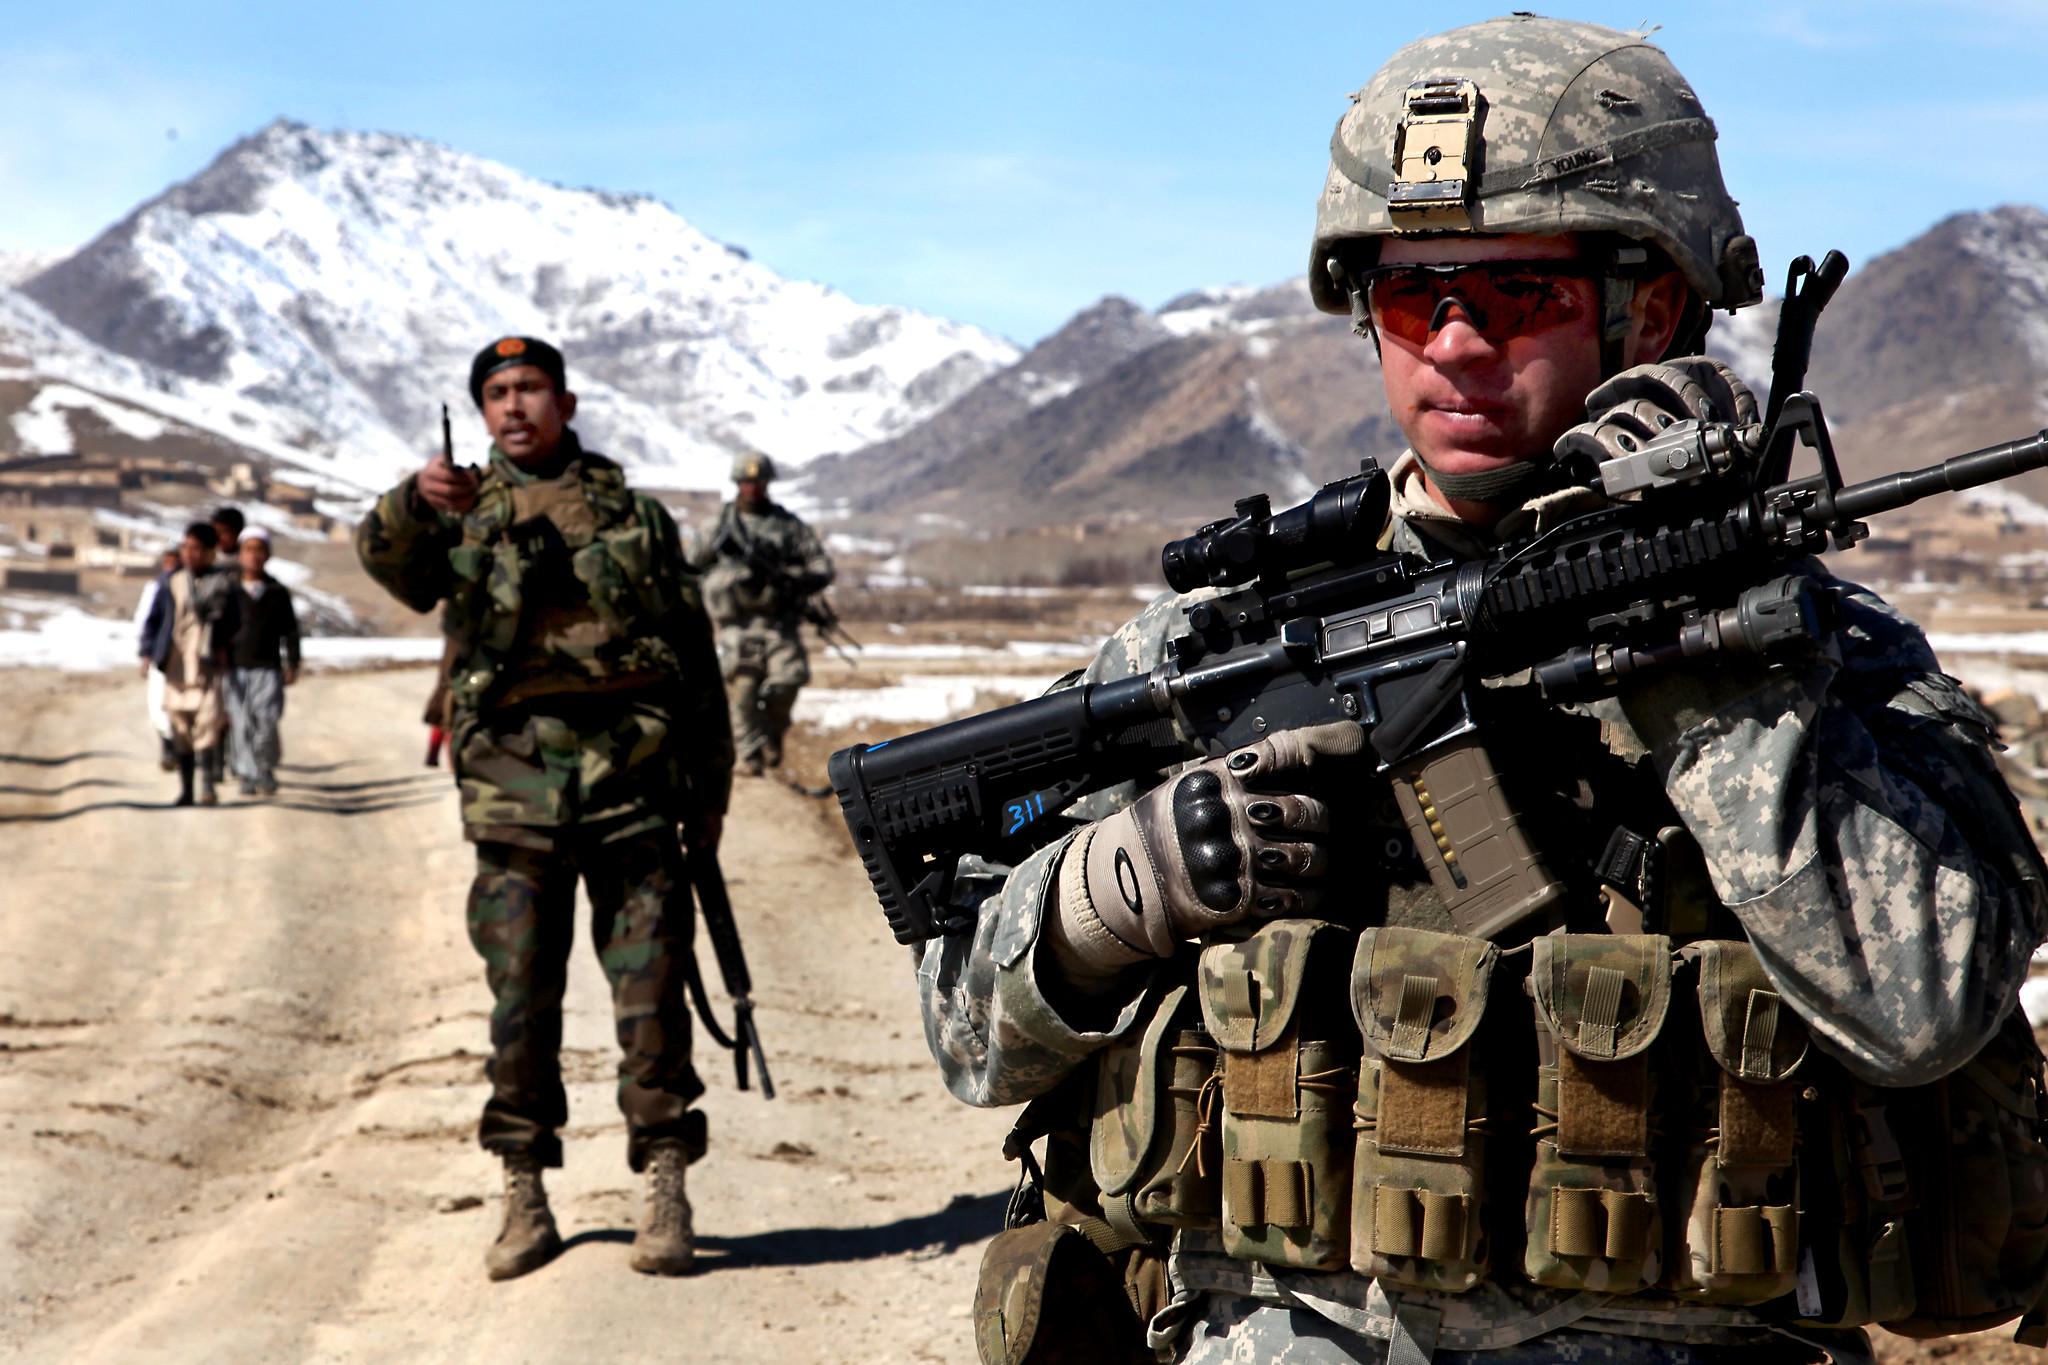 Worse than Obsolete: NATO Creates Enemies